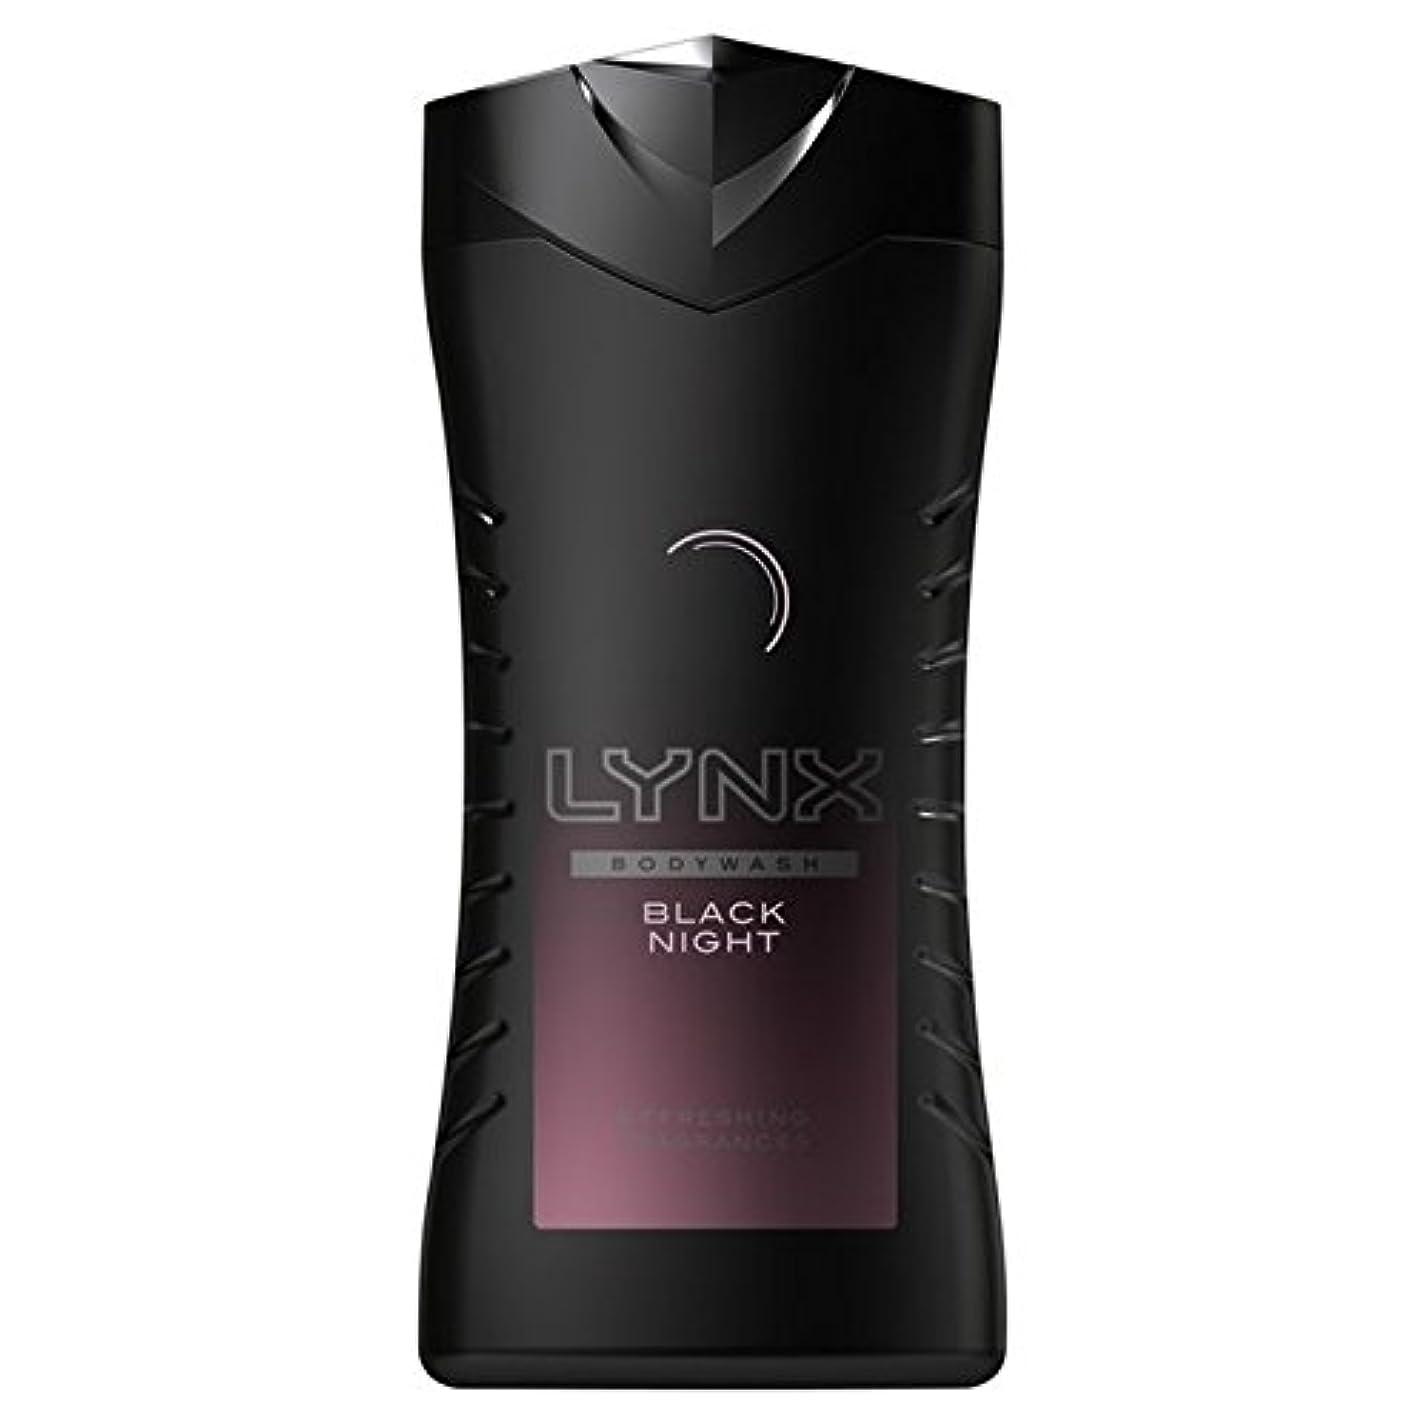 コーラスマスタード寛大さLynx Black Night Shower Gel 250ml - オオヤマネコ黒夜シャワージェル250ミリリットル [並行輸入品]